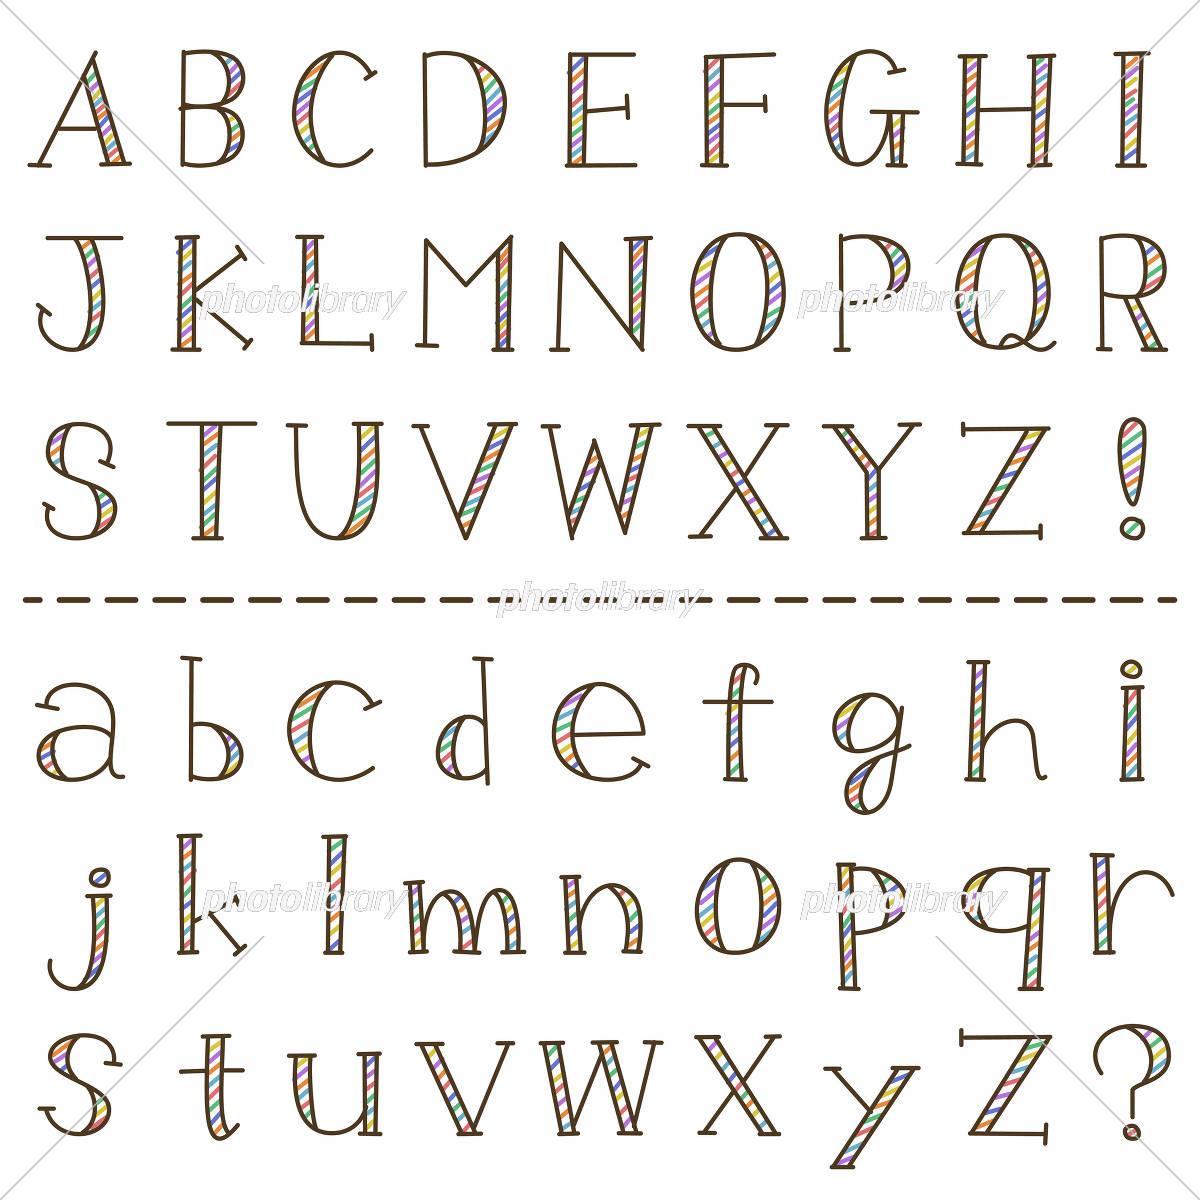 手書き風 アルファベット イラスト素材 [ 5318592 ] - フォトライブ